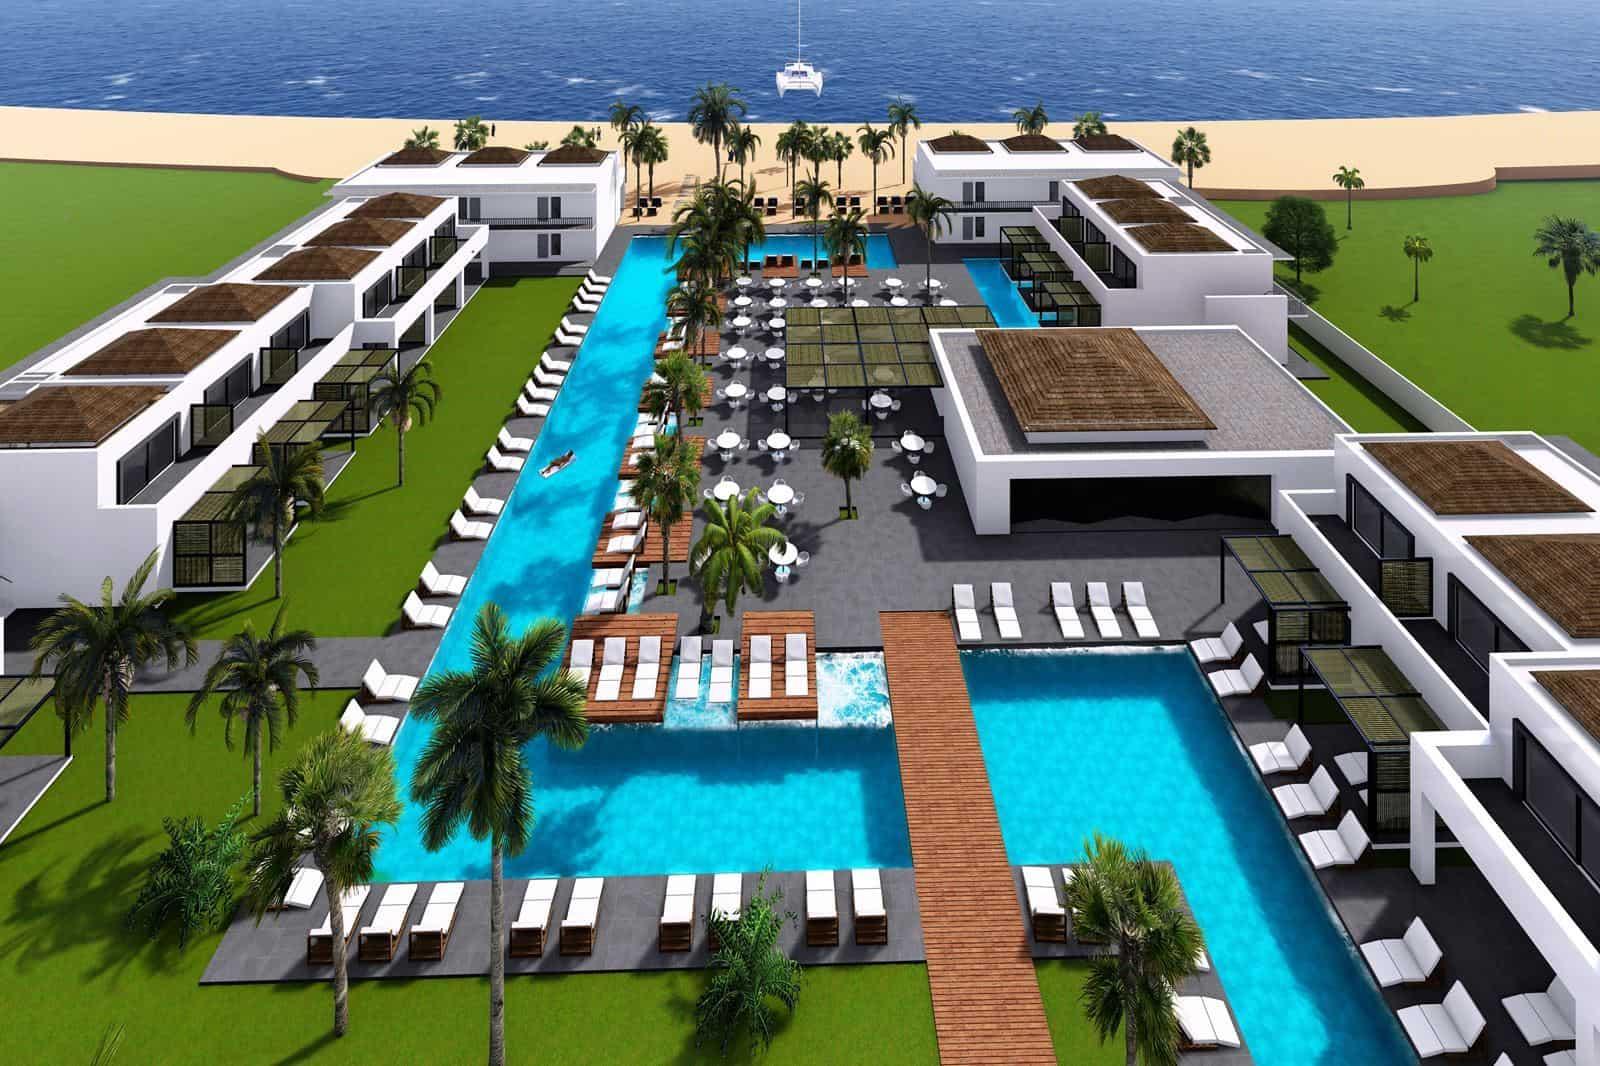 Kalimba Beach Resort in Kotu, Gambia